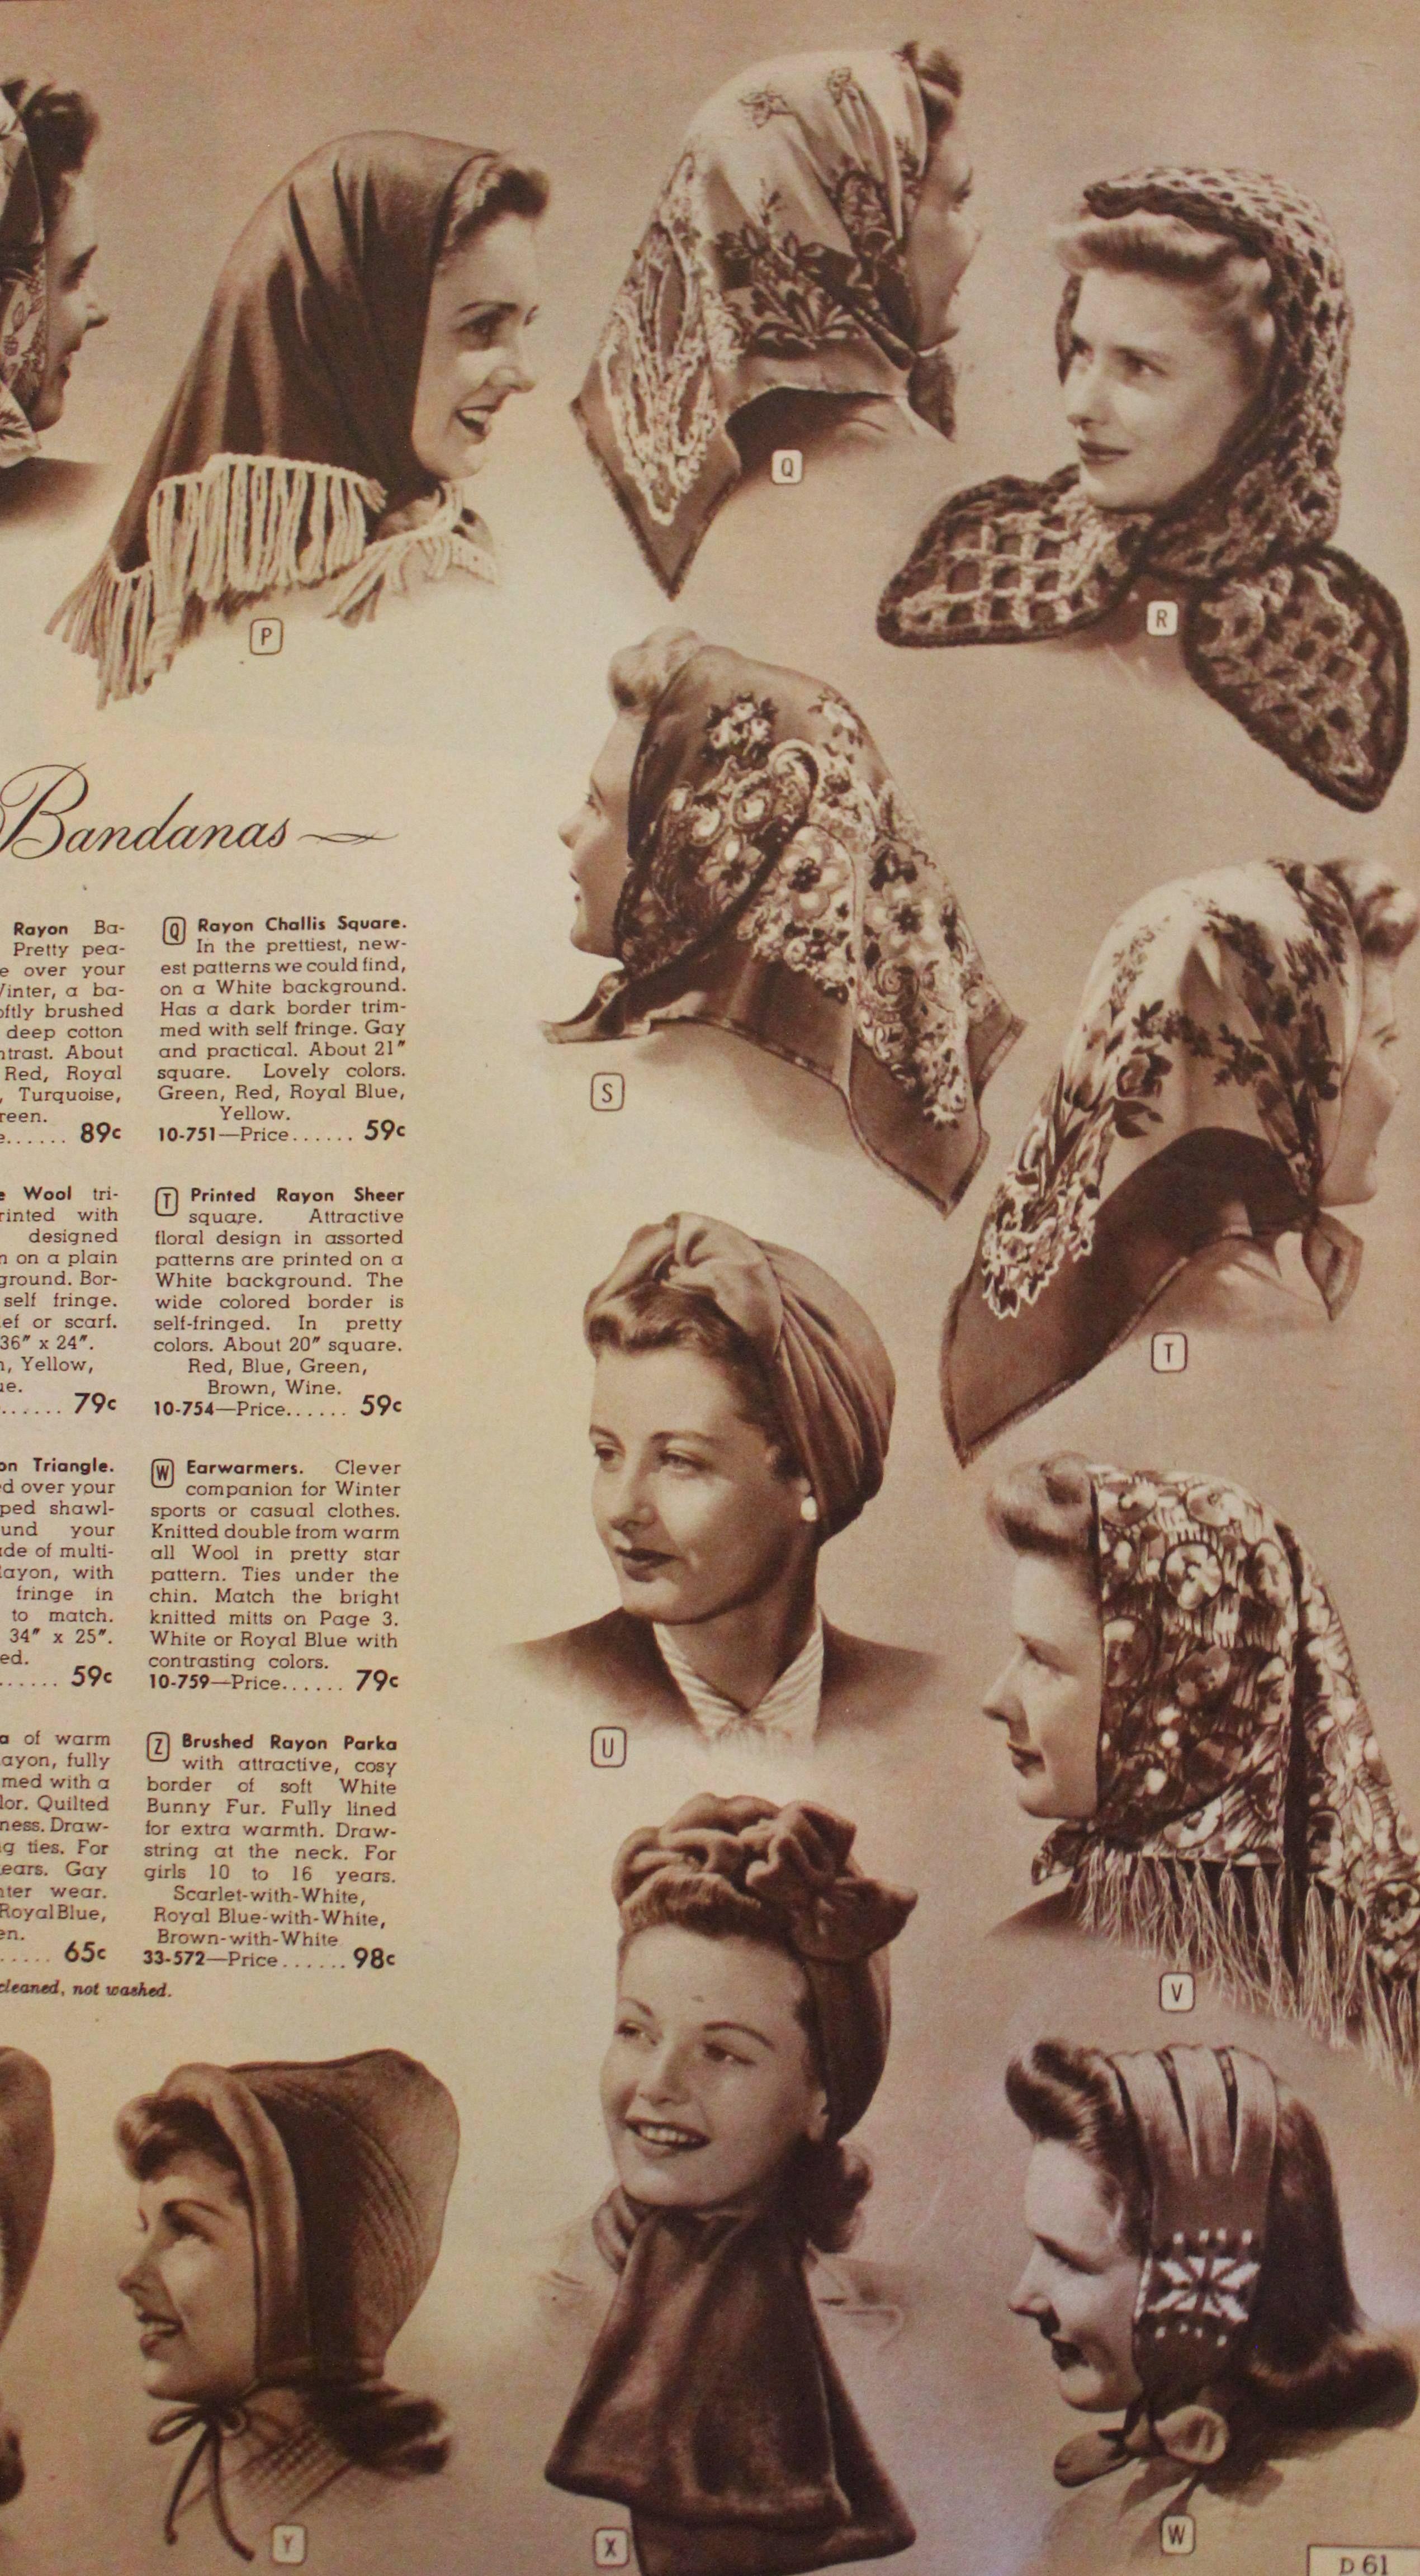 1940s Hats History - 20 Popular Women's Hat Styles | 1940 ...